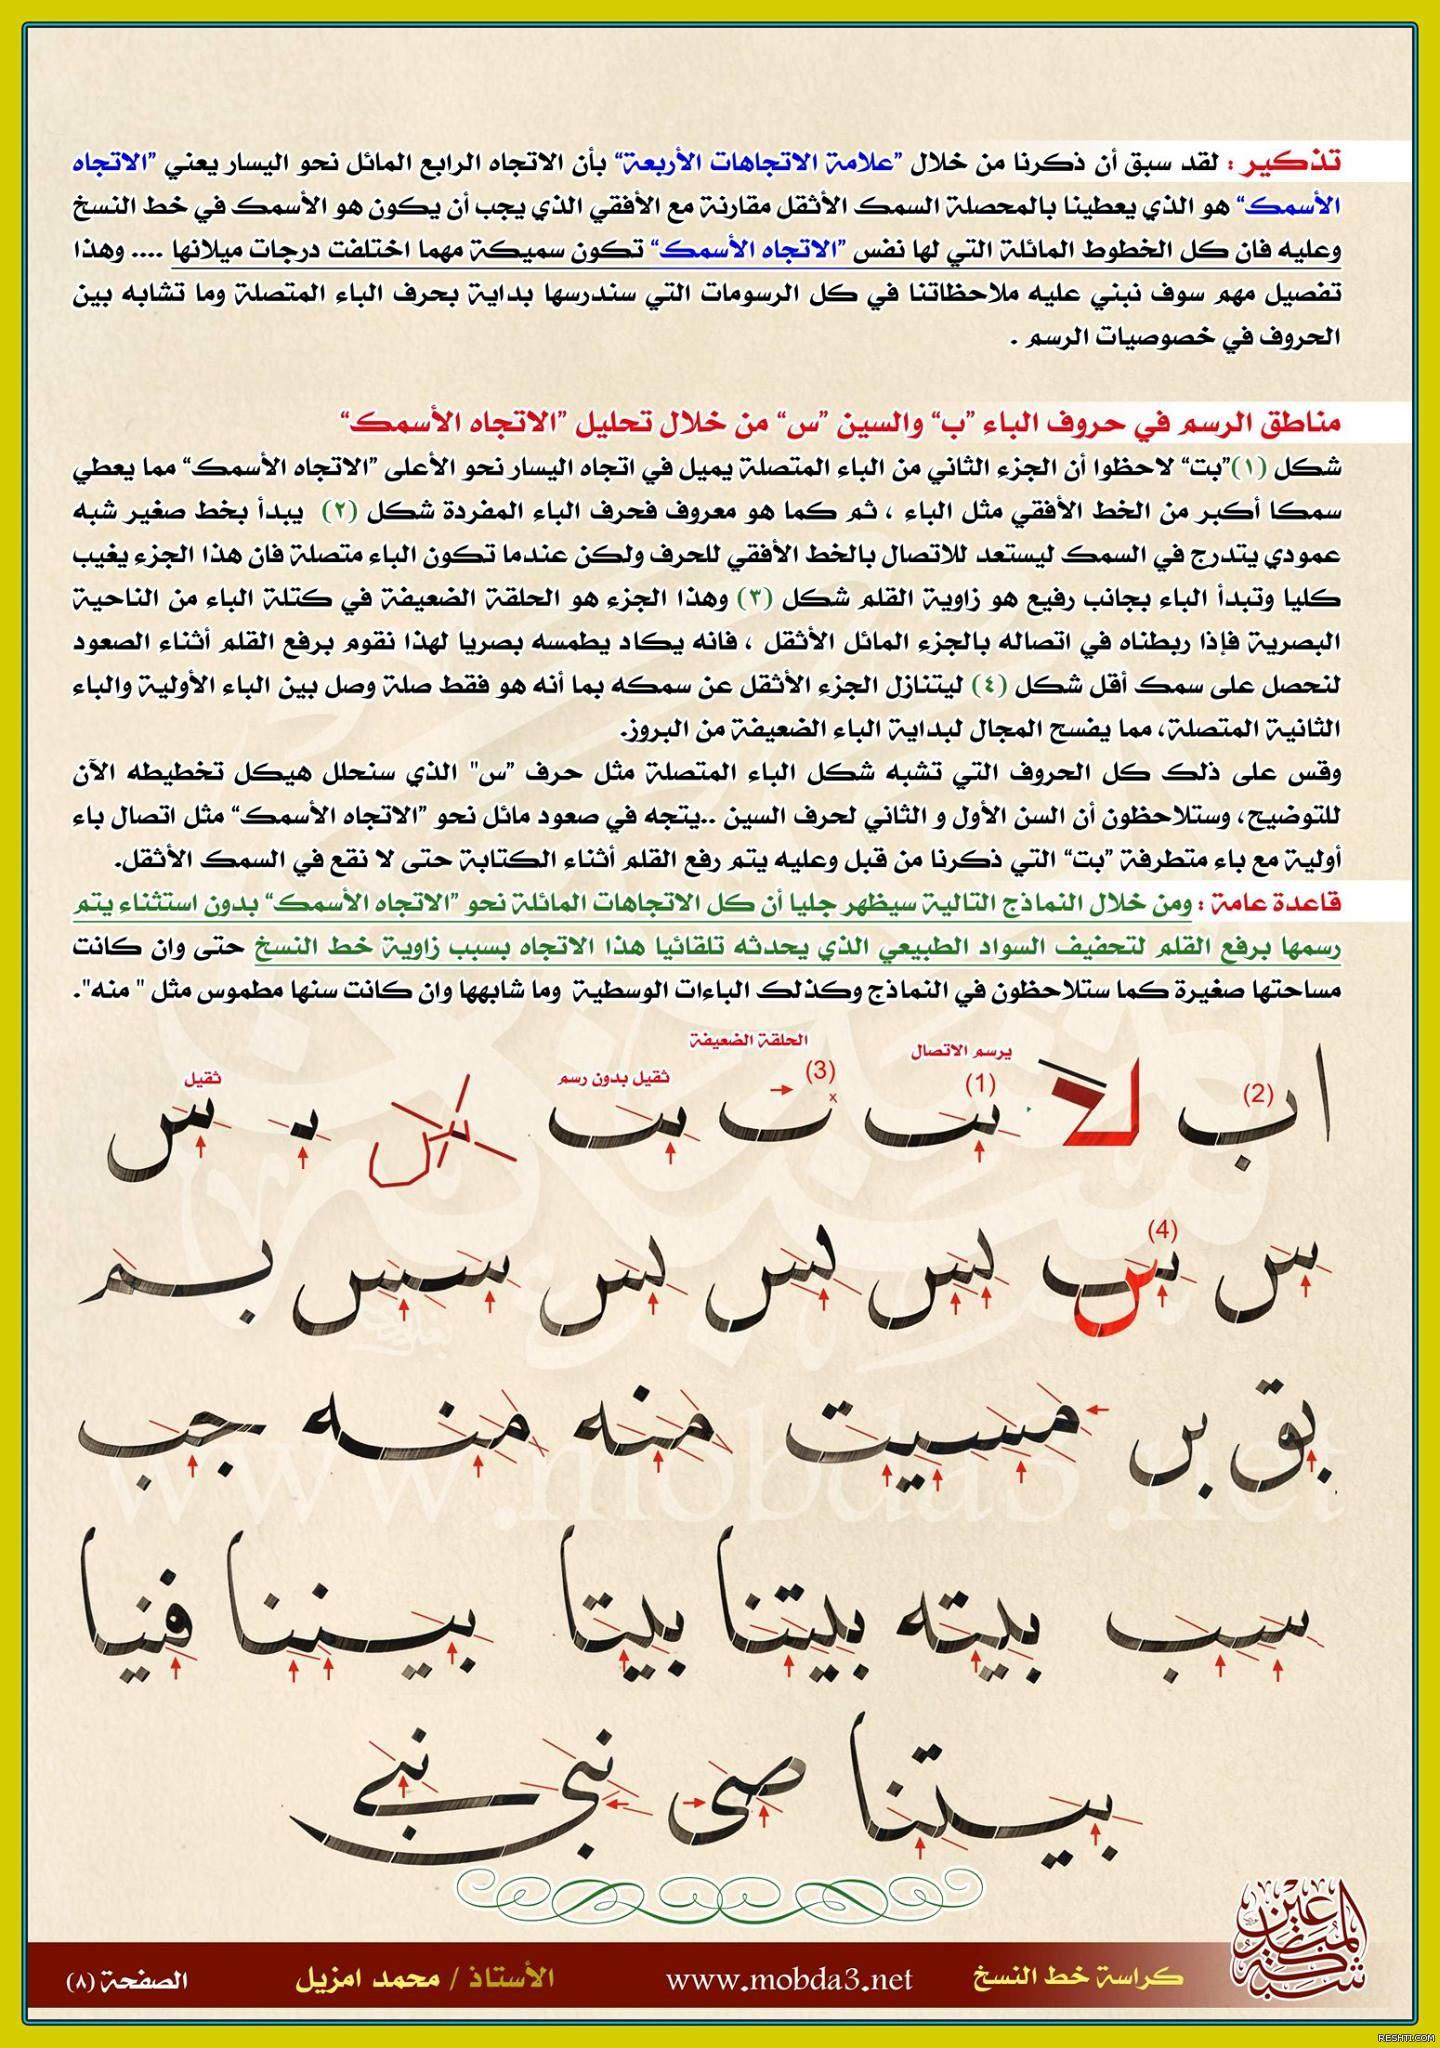 أسرار الرسم في خط النسخ - محمد أمزيل 9